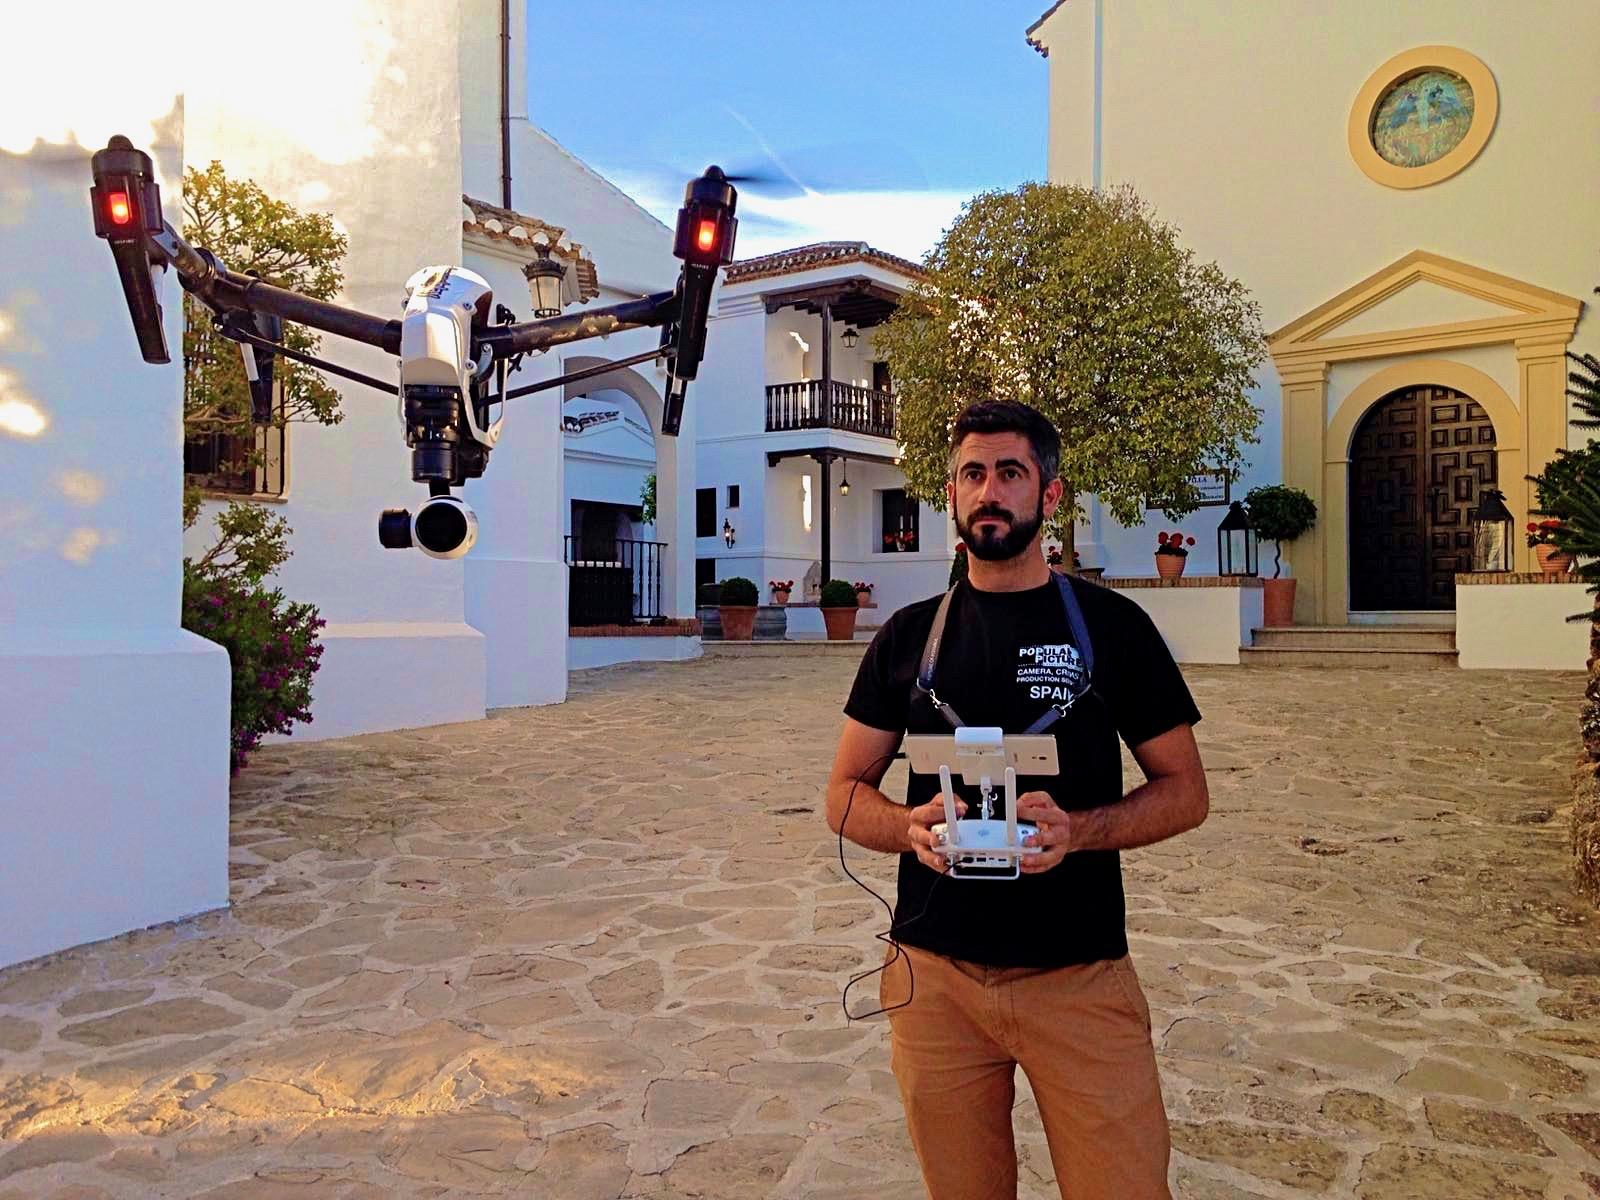 Drone pilots in Spain